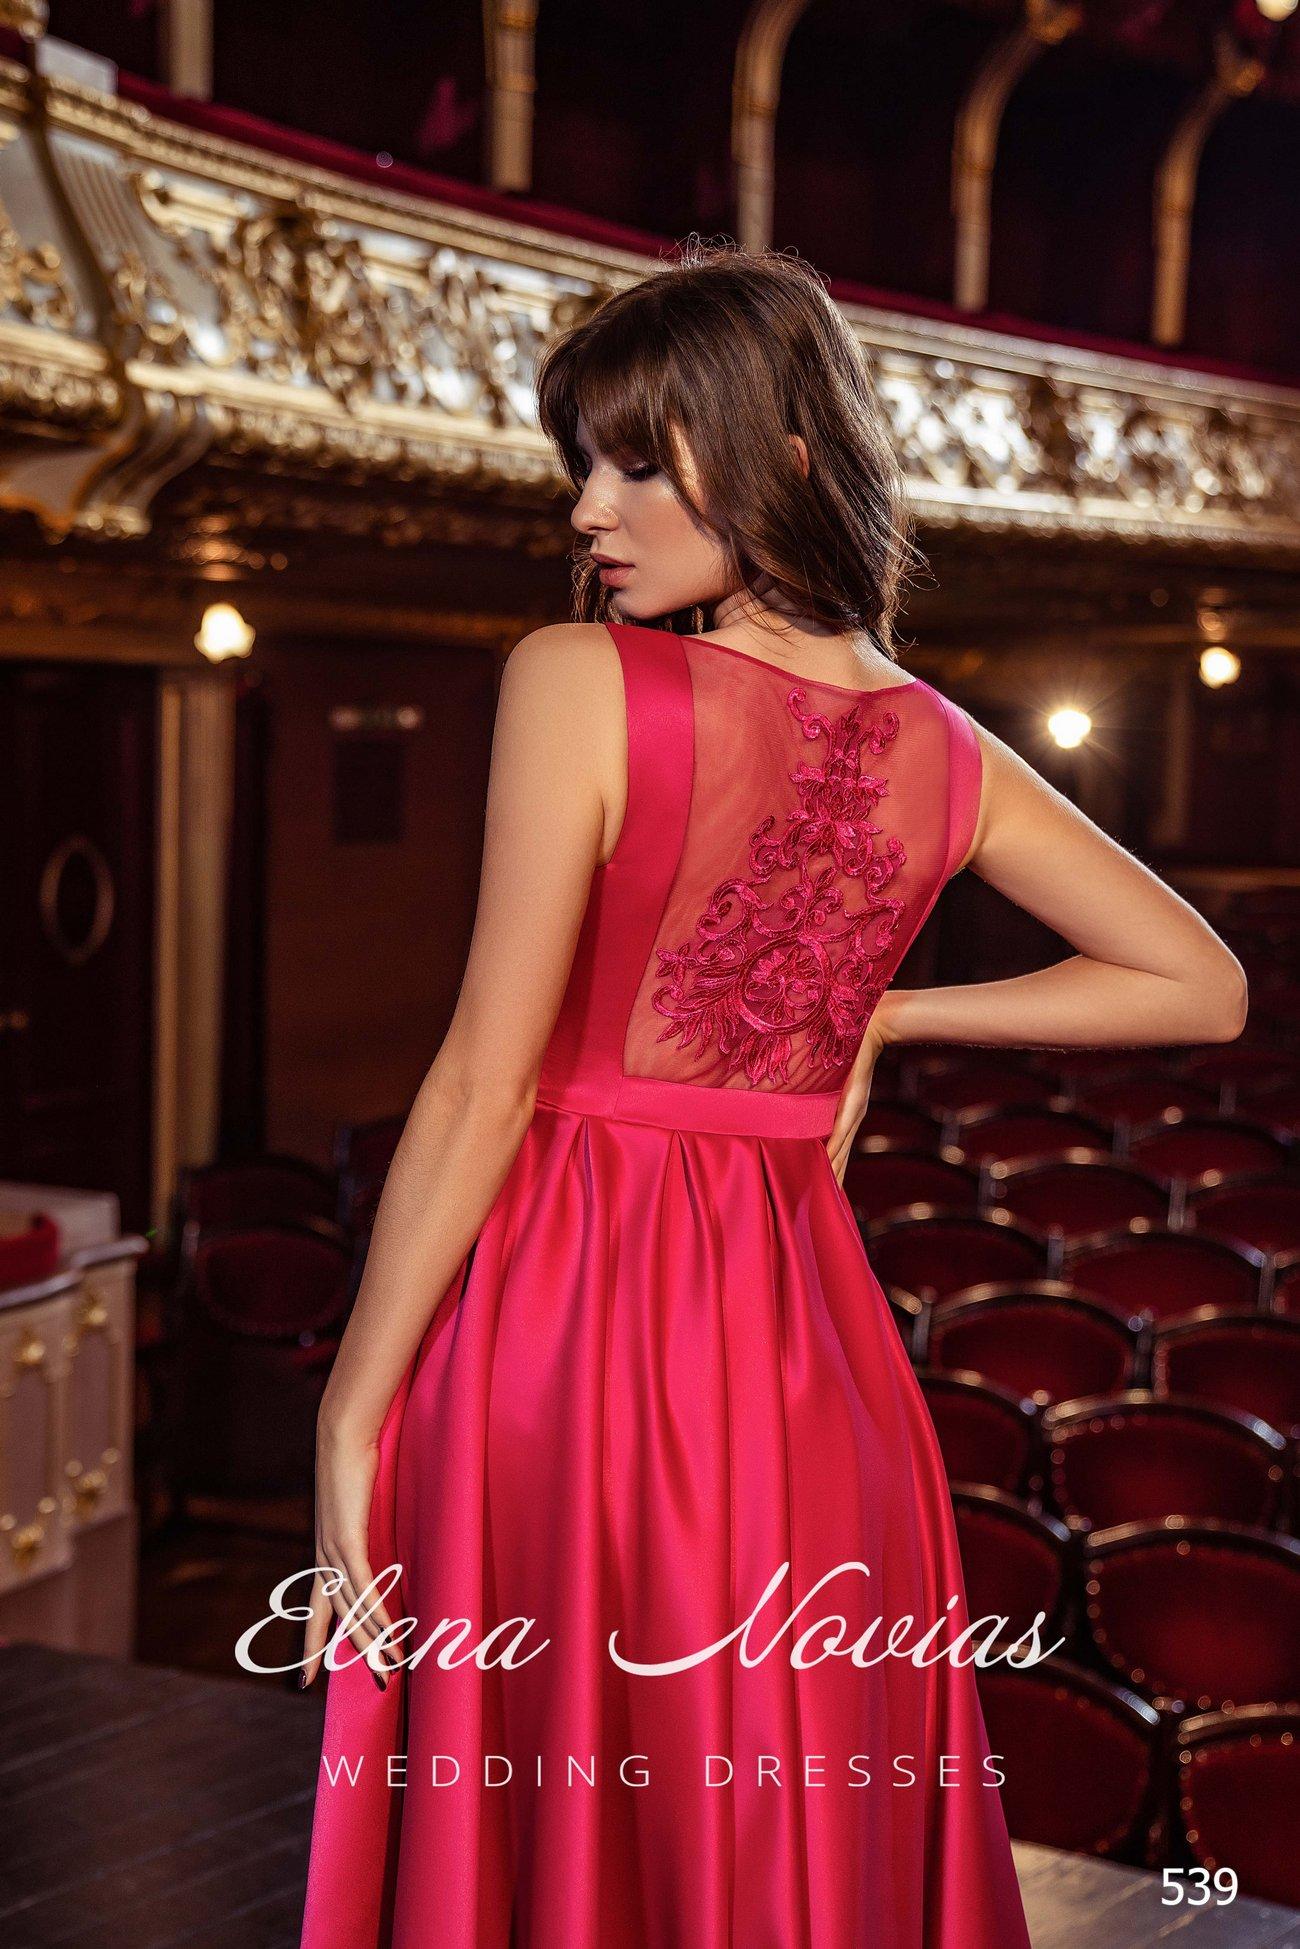 Evening dresses V-539 3